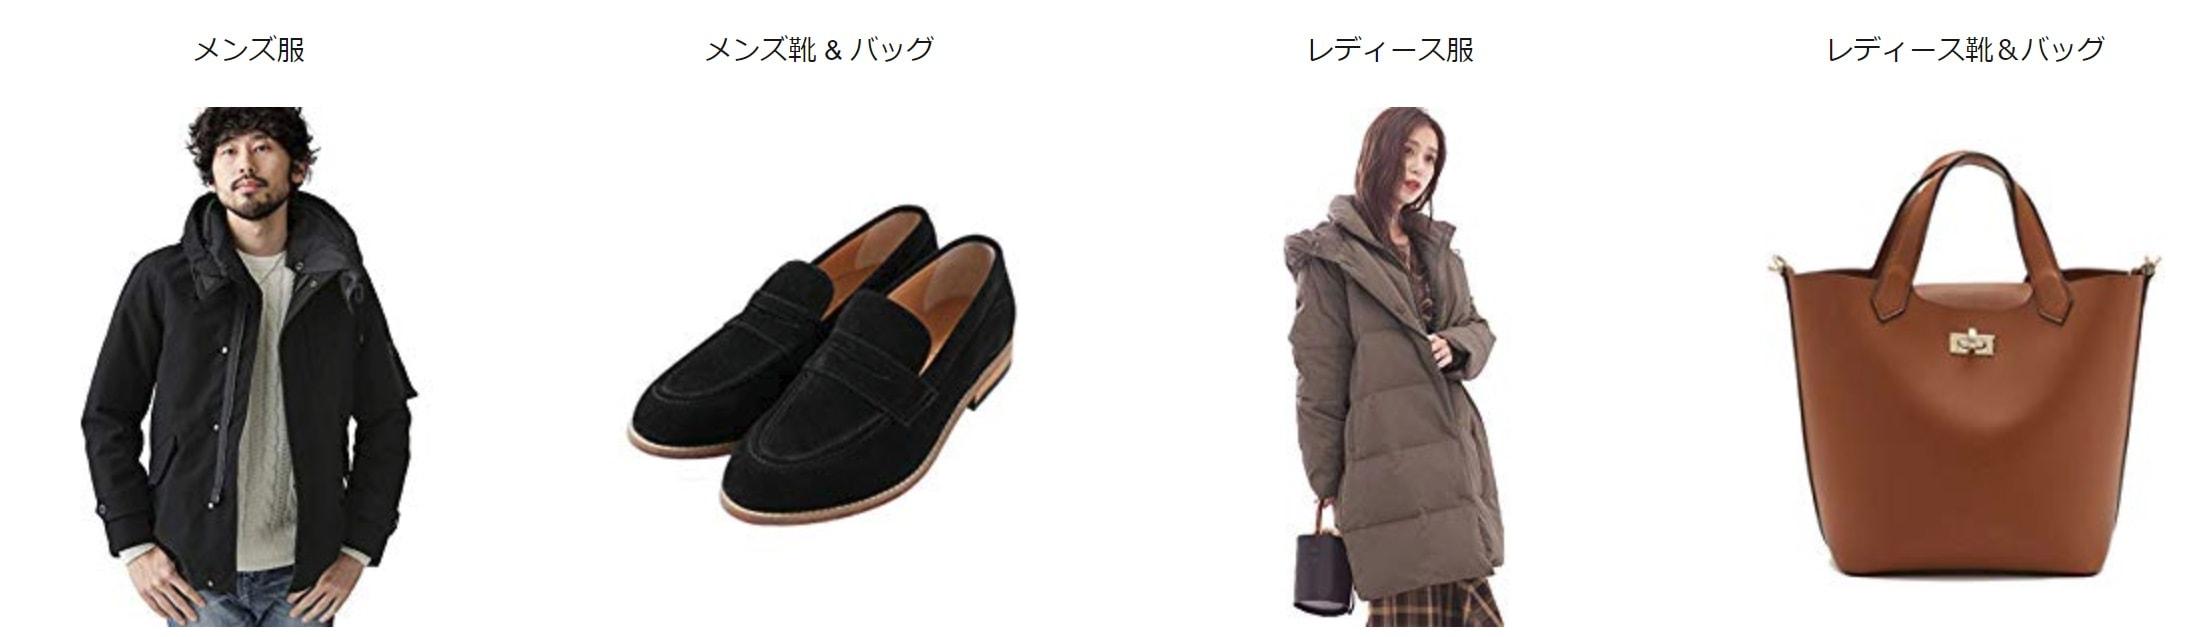 ナノ・ユニバース、アーバンリサーチのファッションアイテムがお買い得